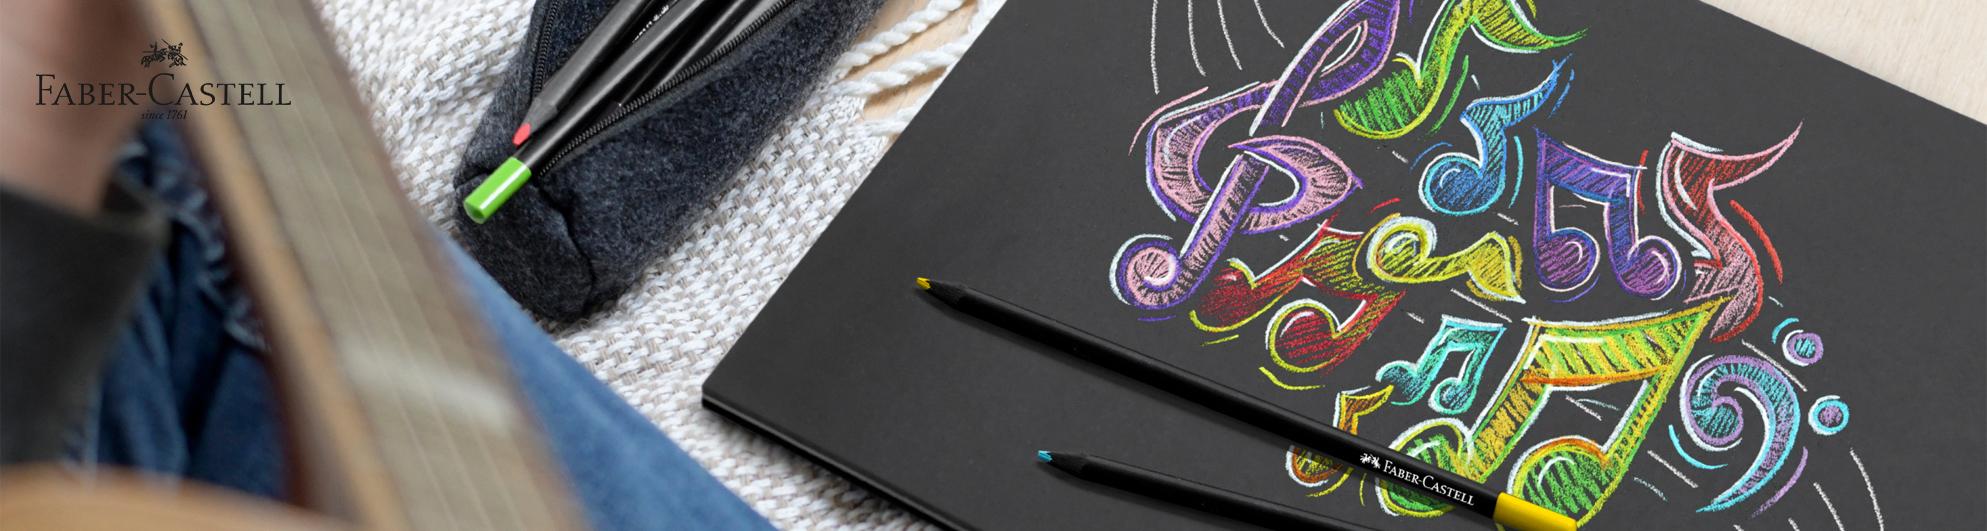 Faber-Castell kesä ja piirtäminen